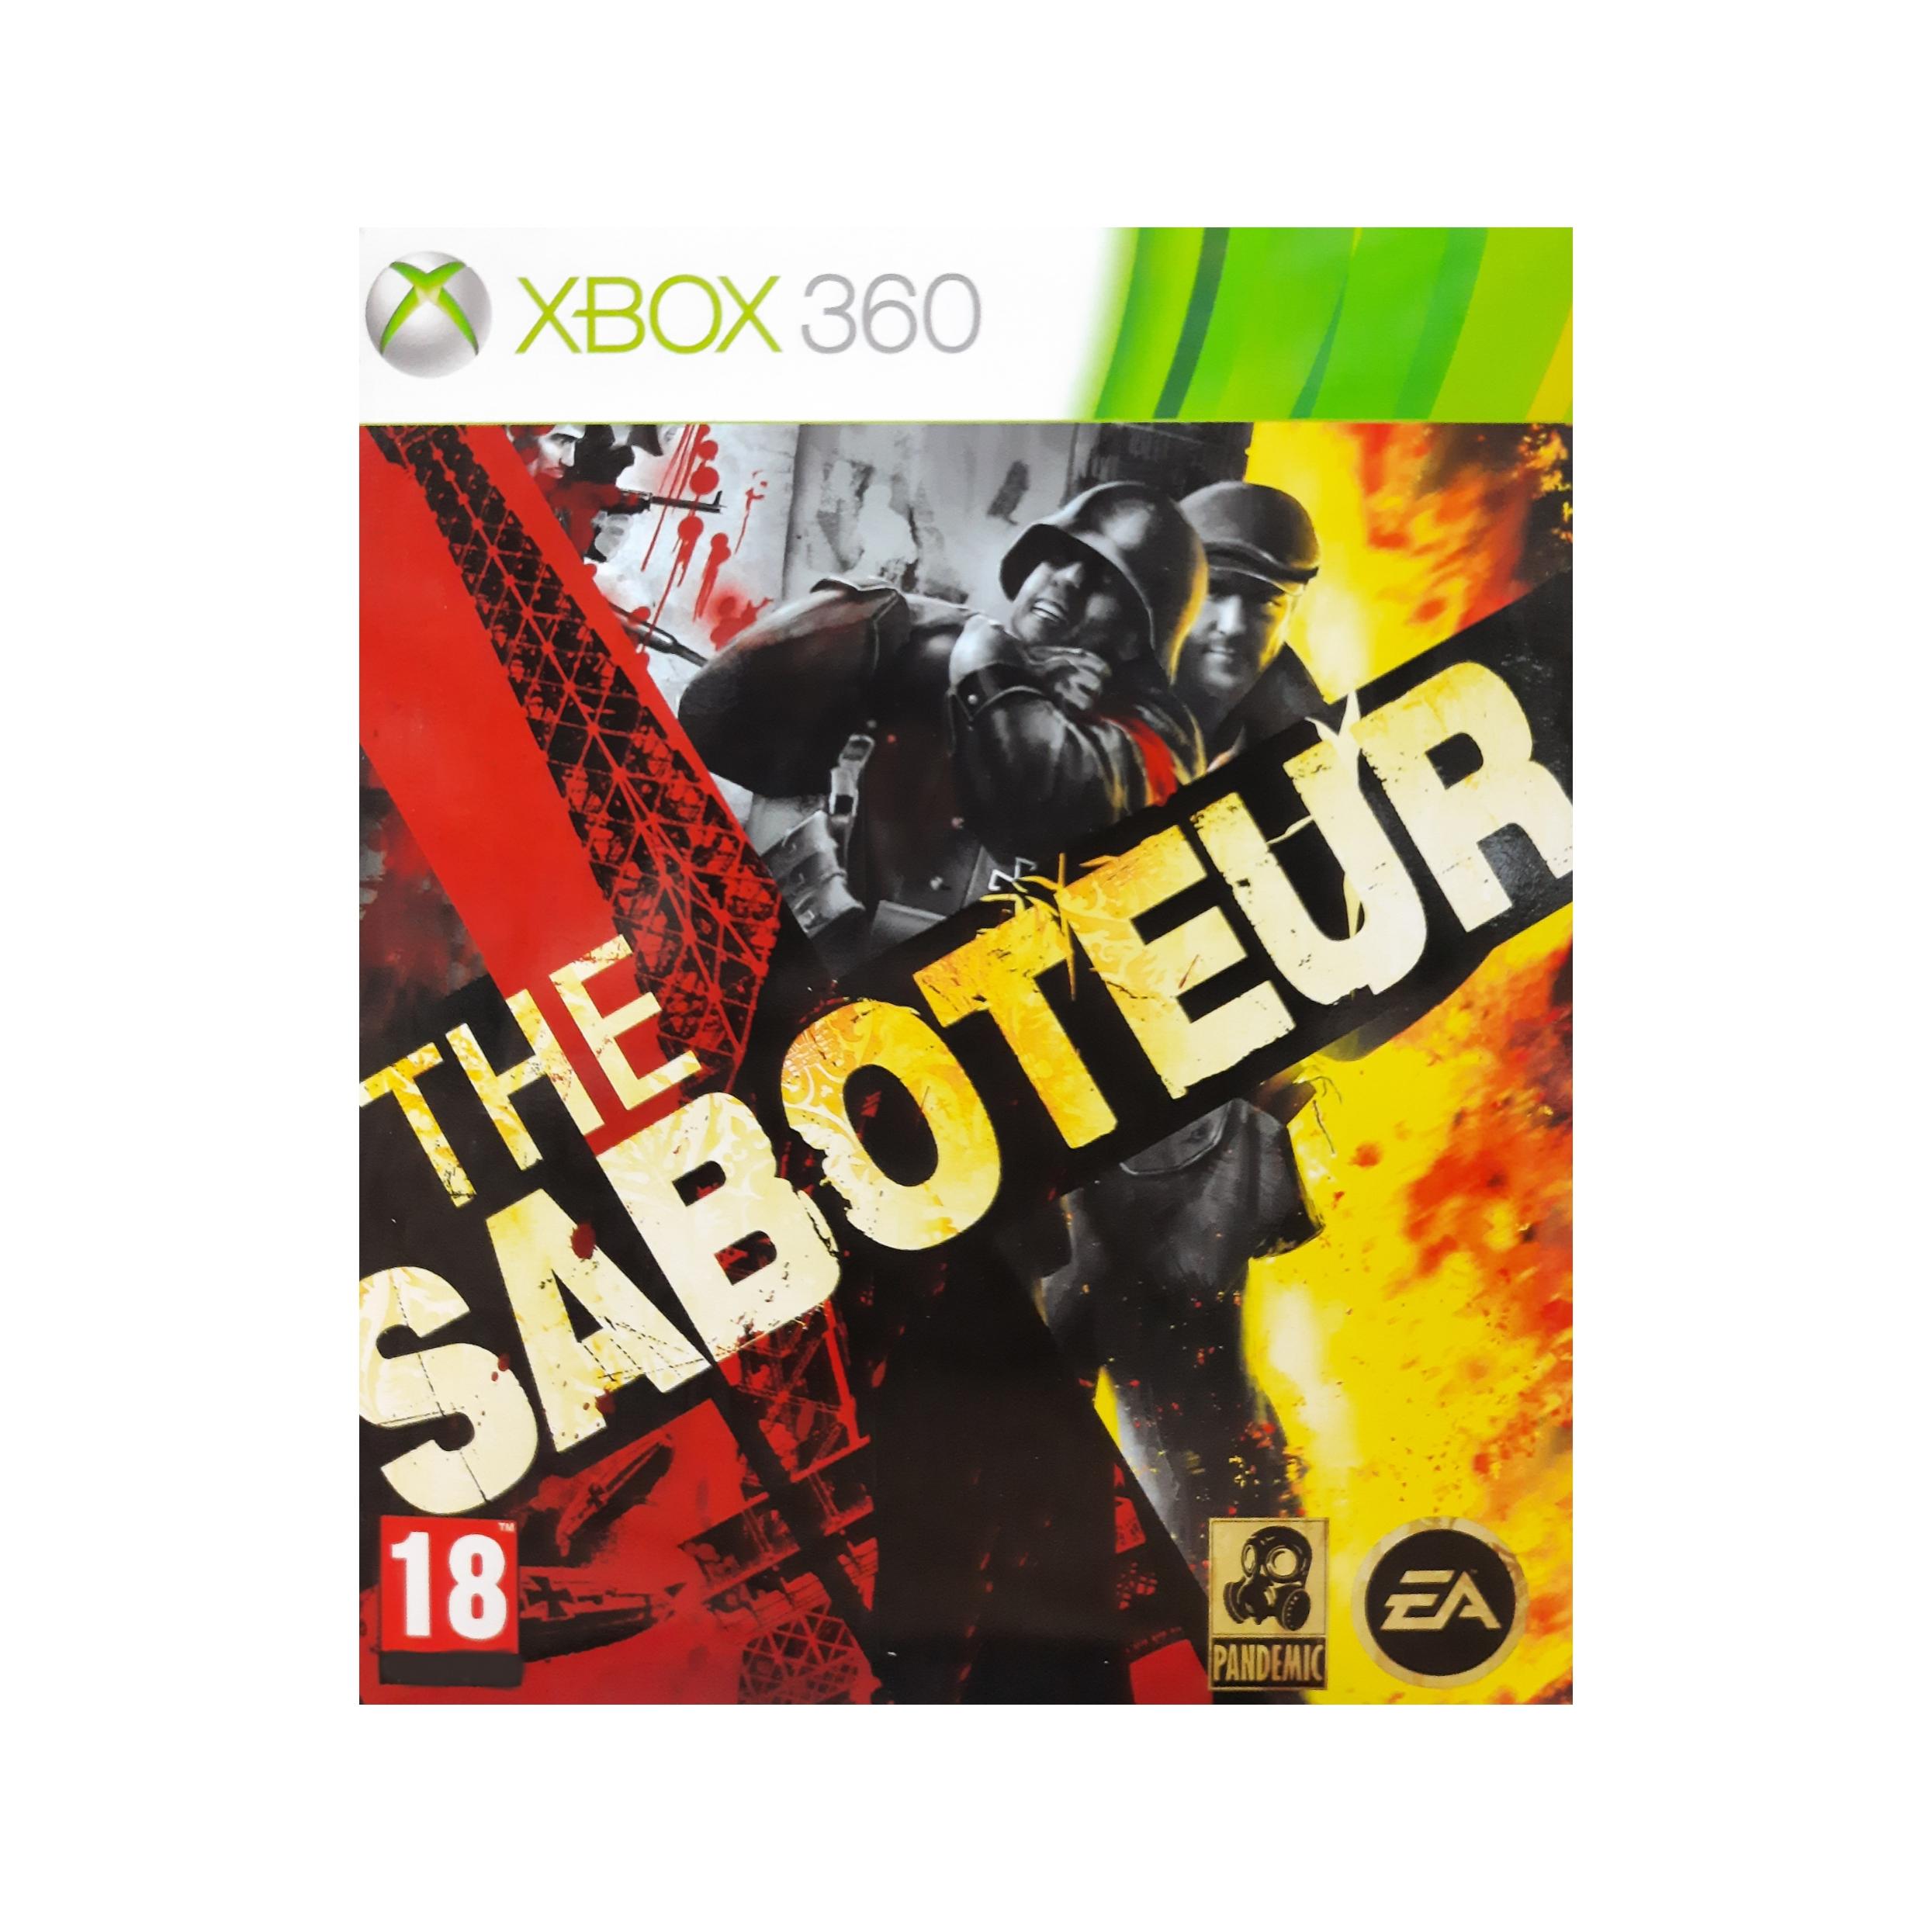 بررسی و {خرید با تخفیف}                                     بازی THE SABOTEUR مخصوص Xbox 360                             اصل